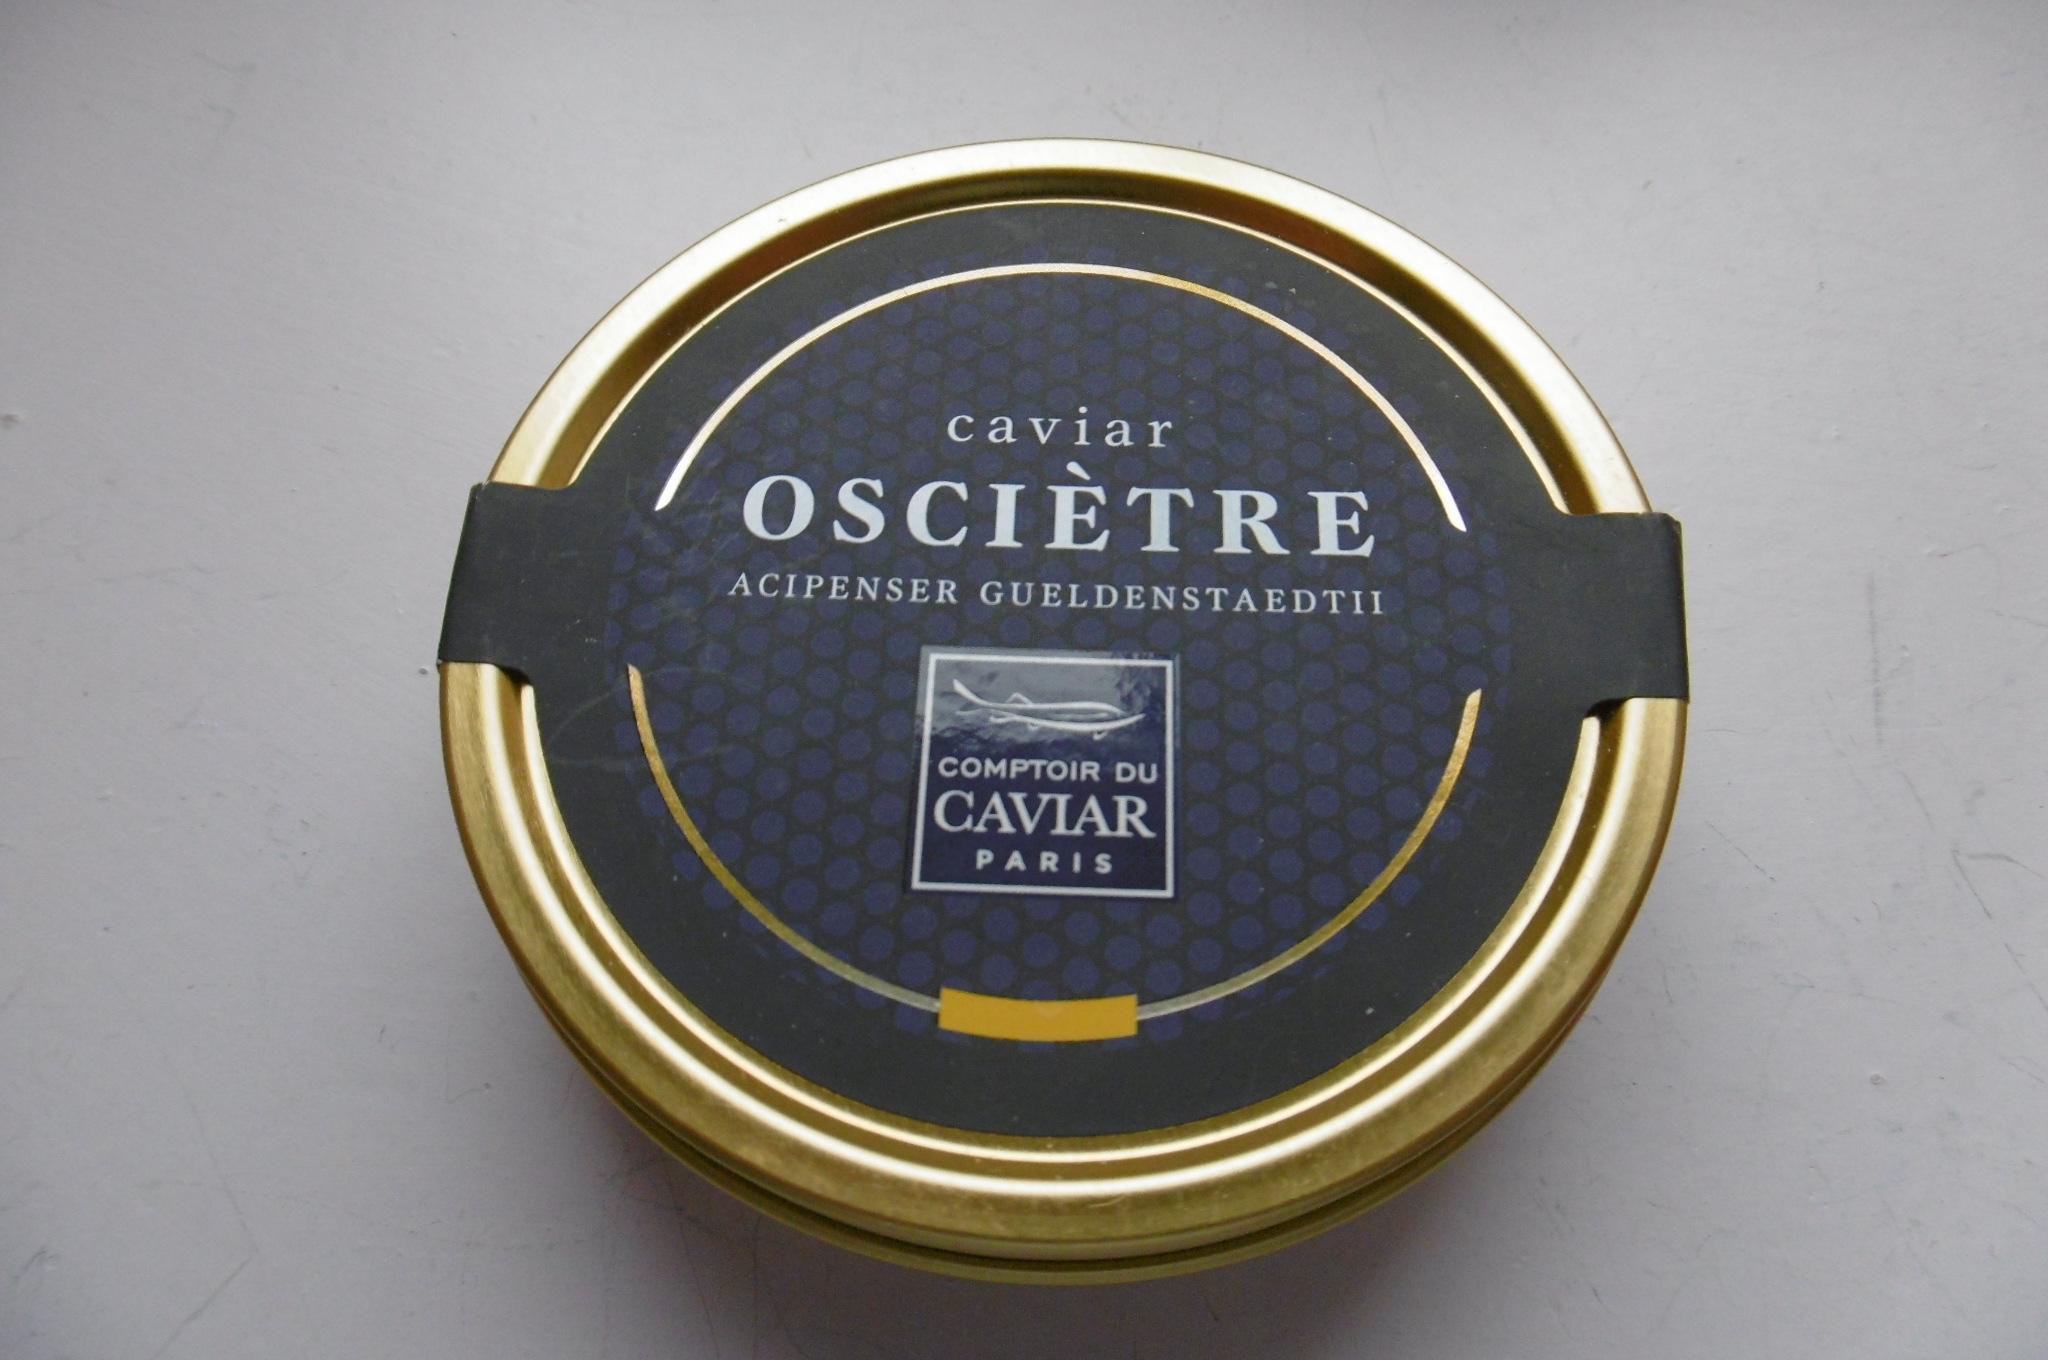 troc de troc boites vides de caviar image 1